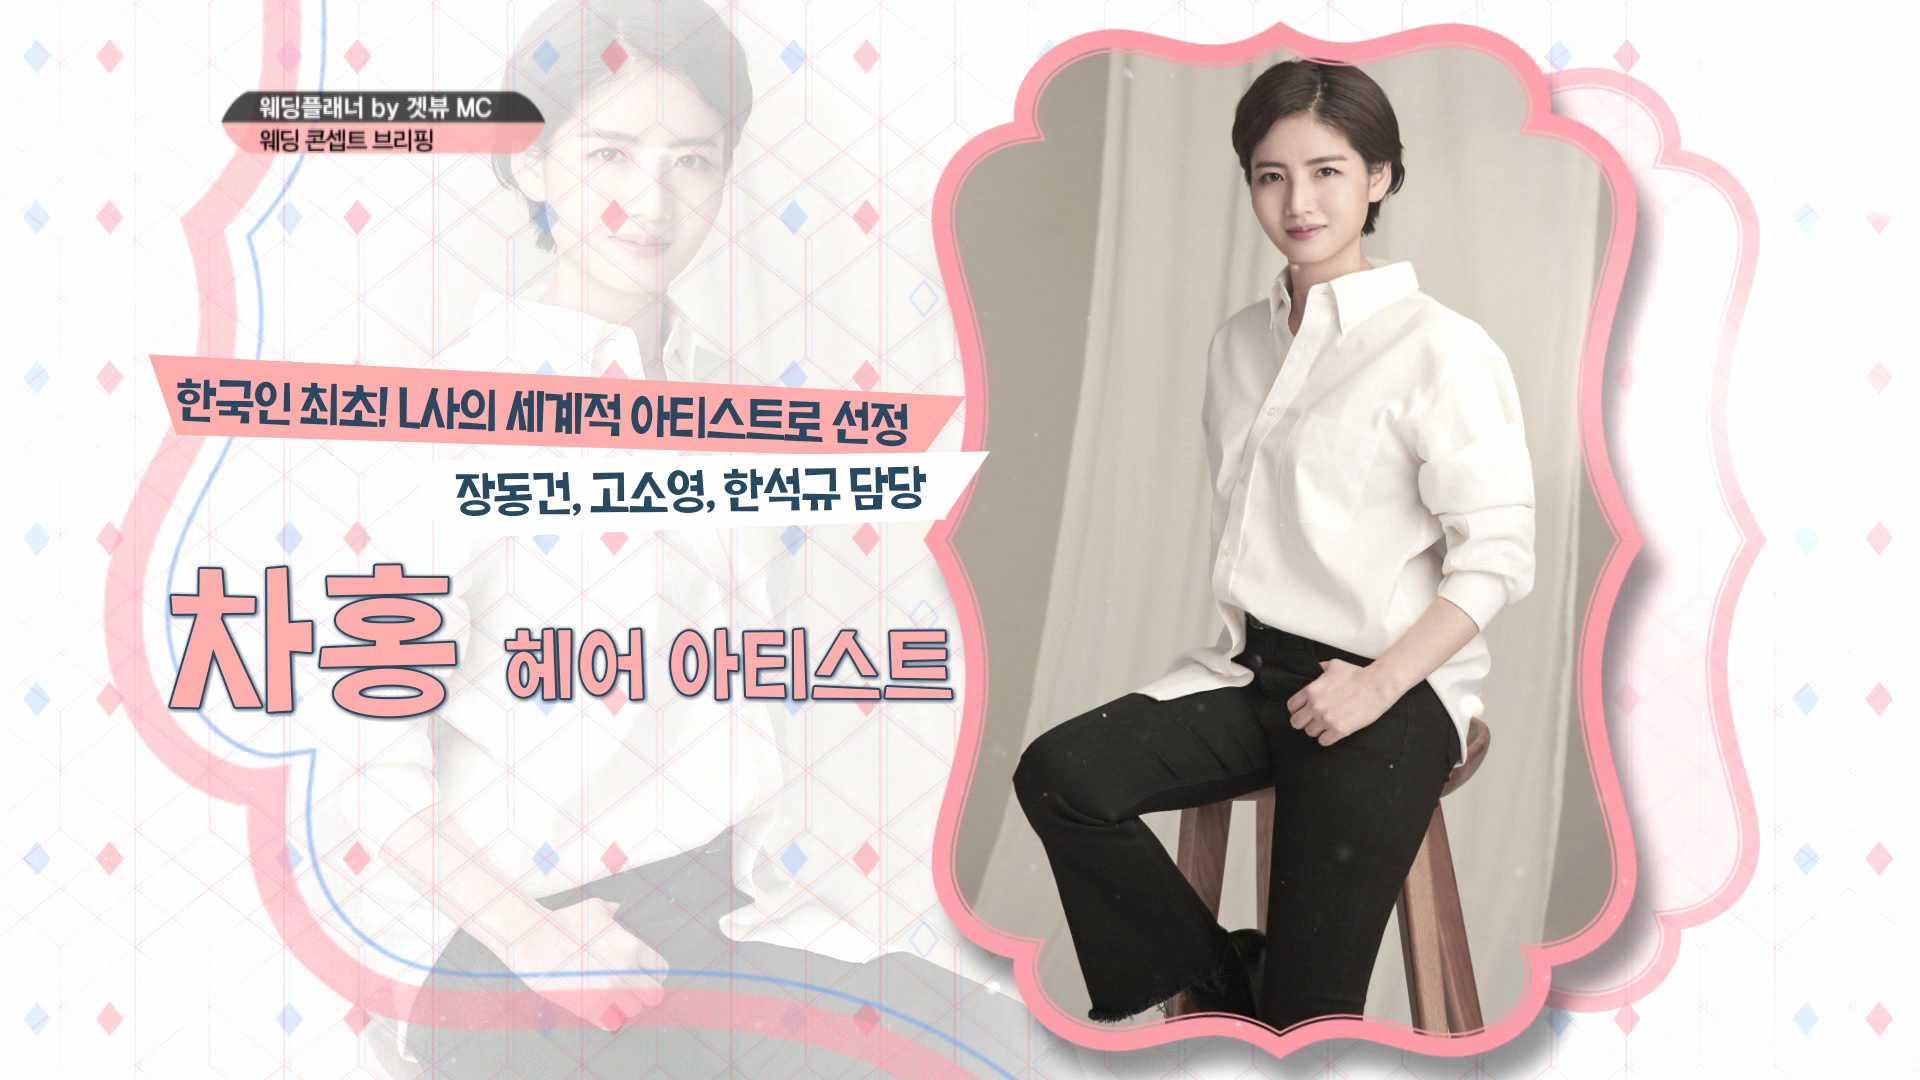 한국인 최초! L사의 세계적인 아티스트로 선정! 장동건, 고소영, 한석규 담당 차홍 헤어 아티스트에요